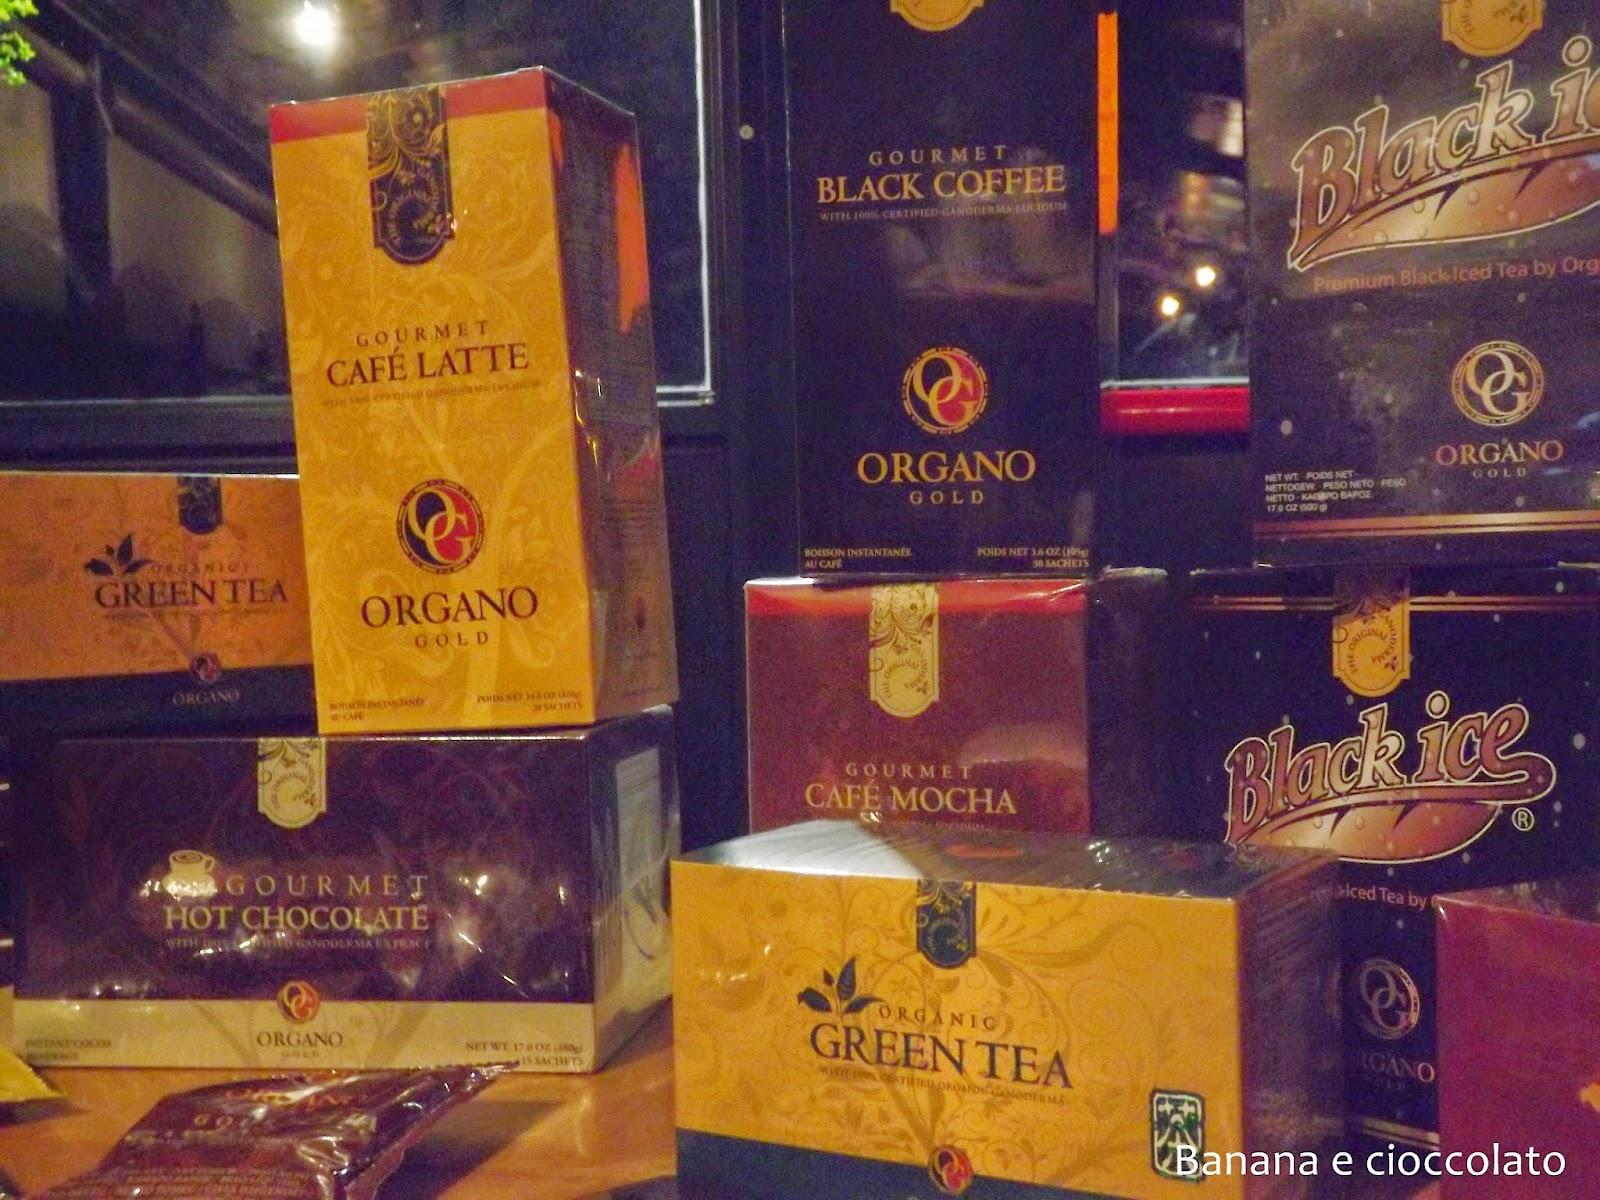 banana e cioccolato, Parma, caffè del benessere